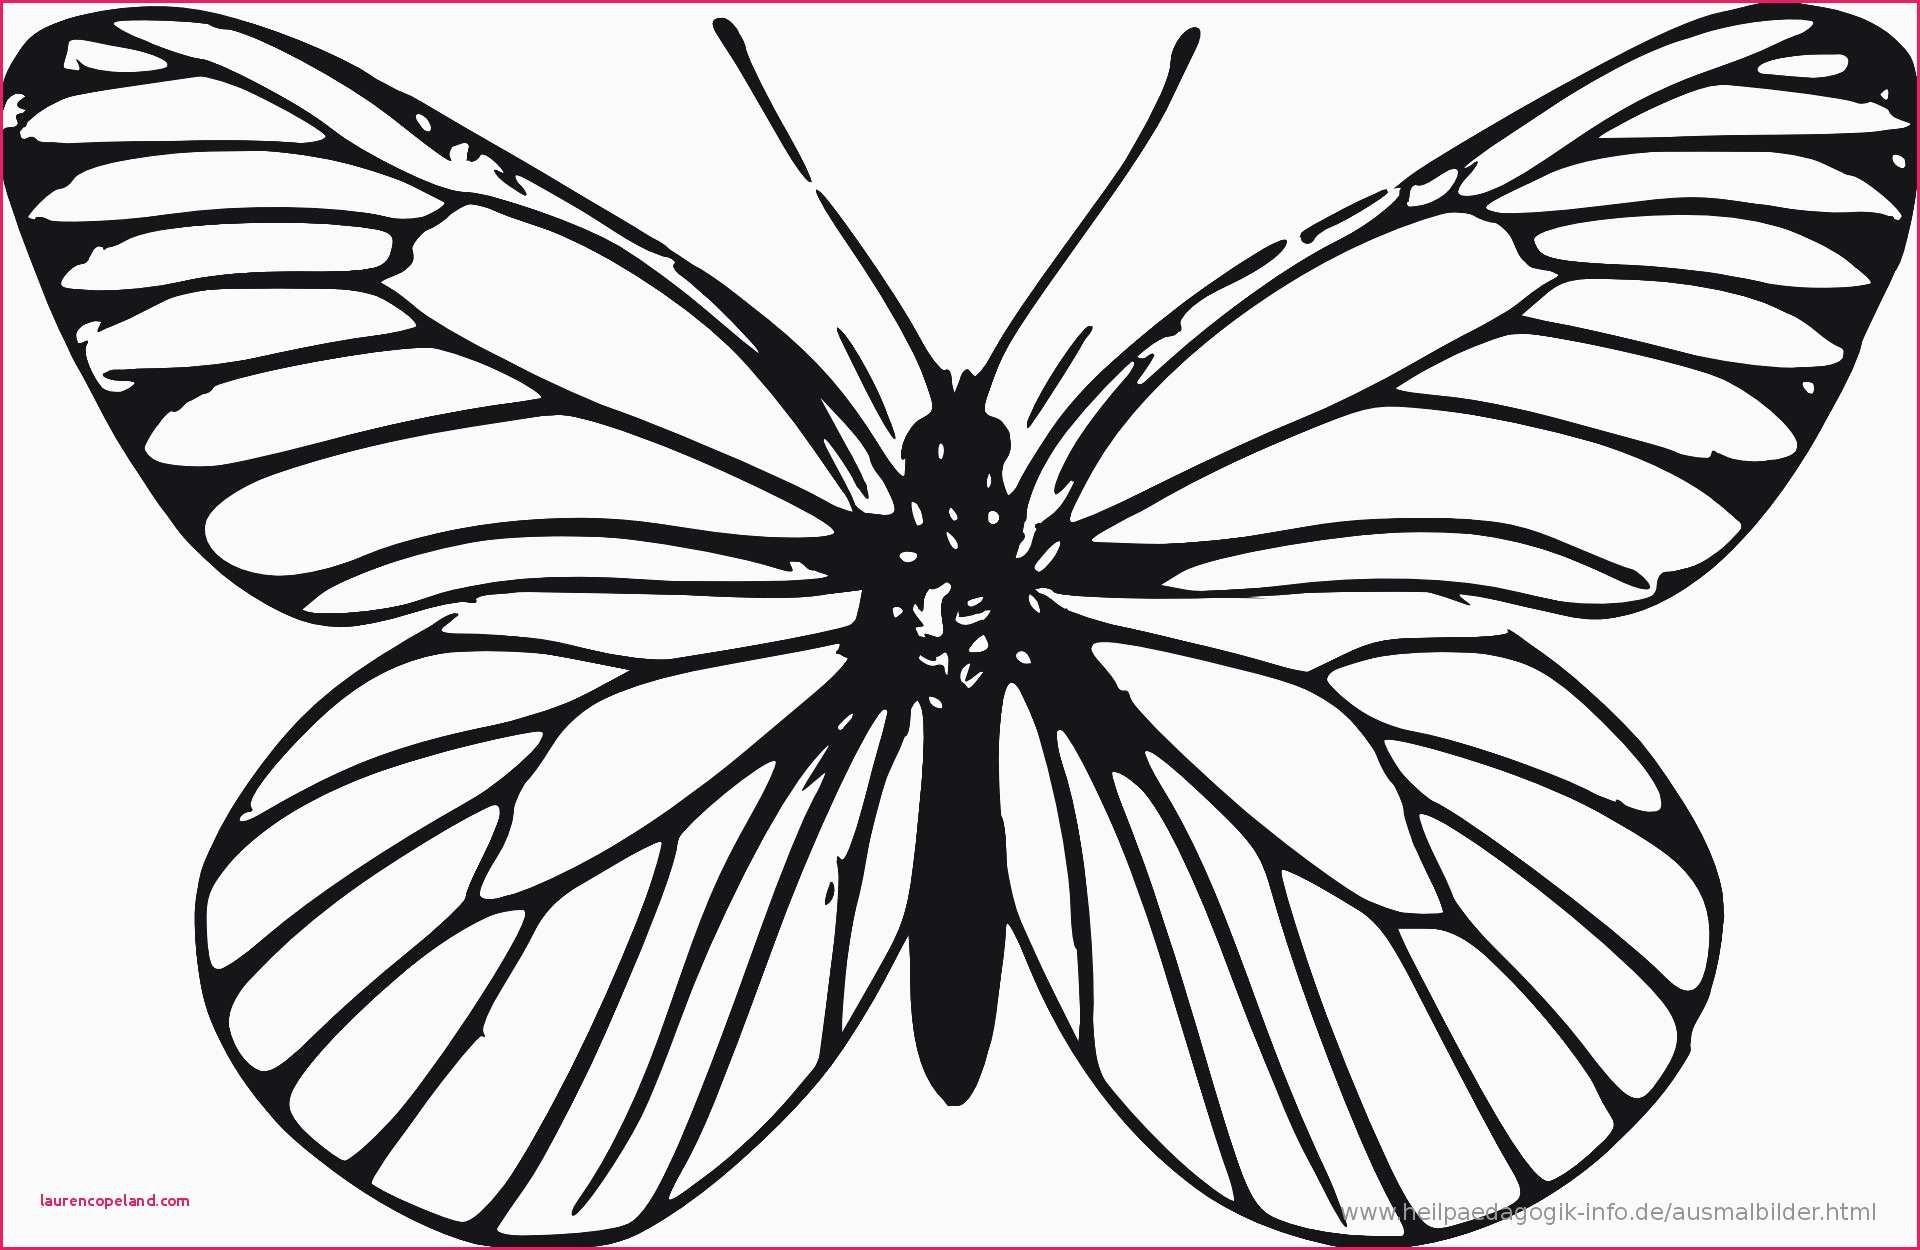 Ausmalbilder Schmetterling Mit Blume Das Beste Von Schmetterling Vorlage Zum Ausdrucken Schmetterling Ausmalbilder Zum Galerie